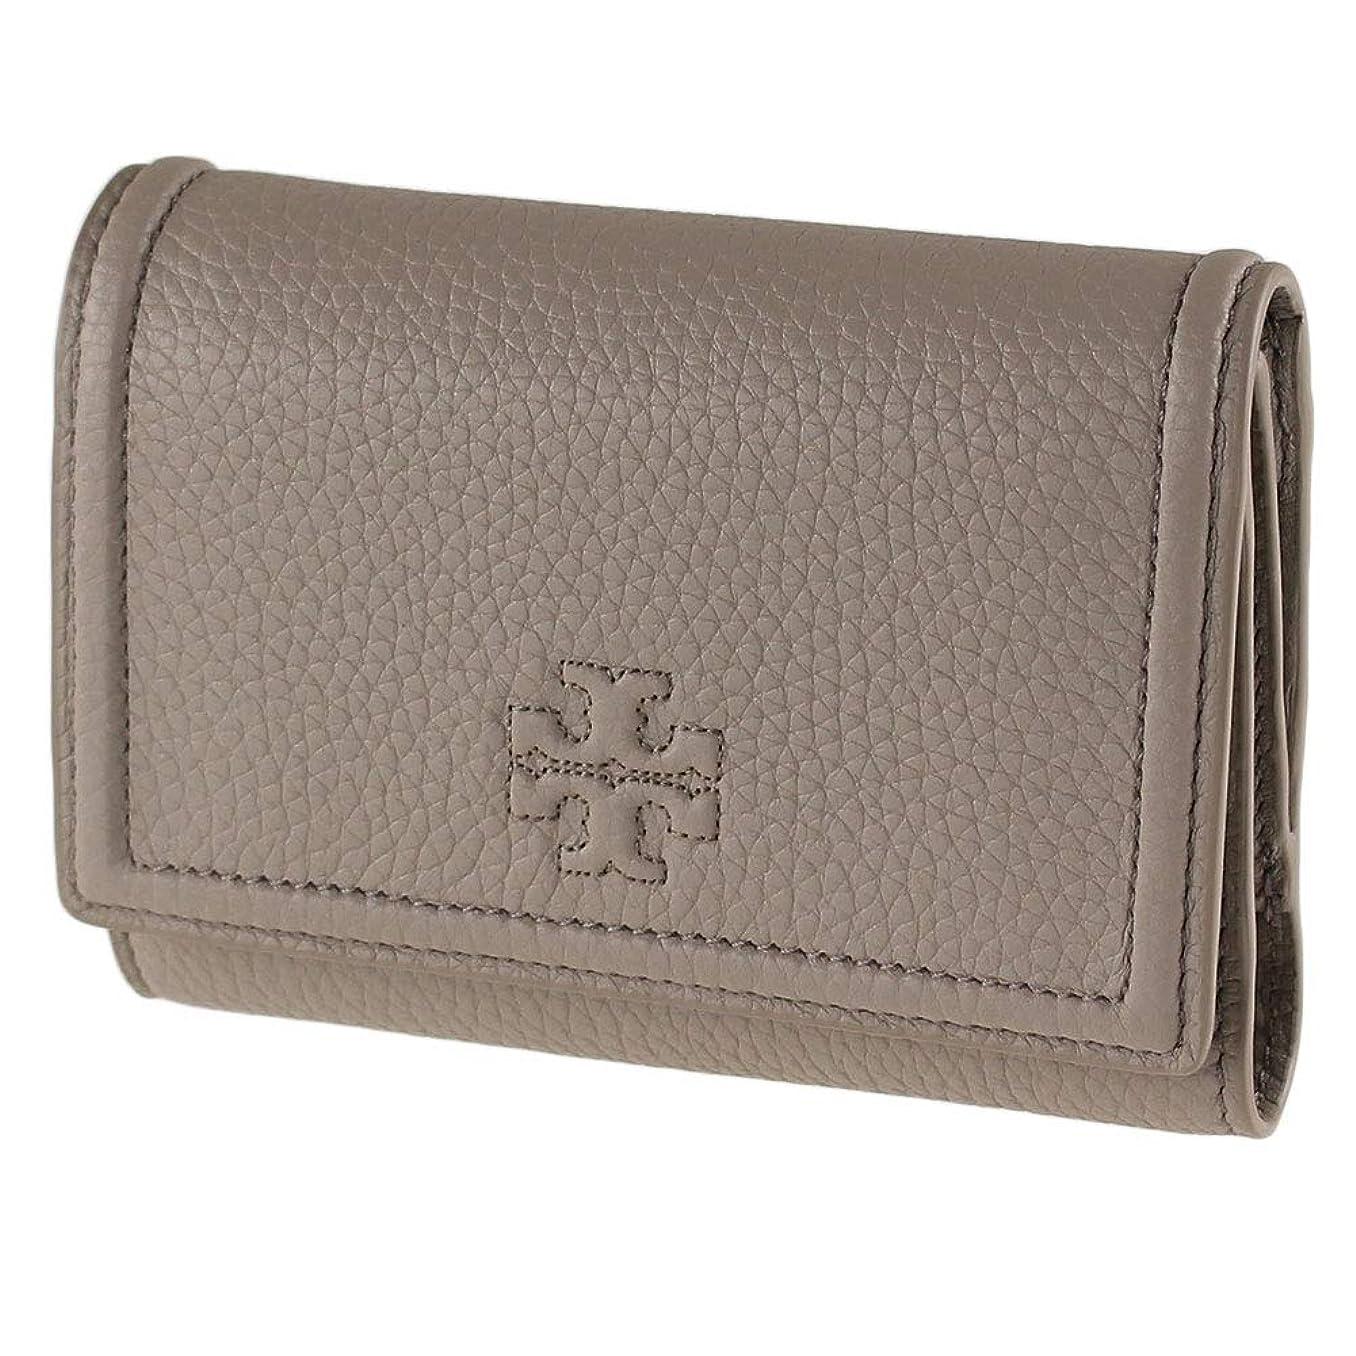 完全に乾く欲望かんたんトリーバーチ TORY BURCH レディース 折りたたみ財布 55376 thea medium flap wallet